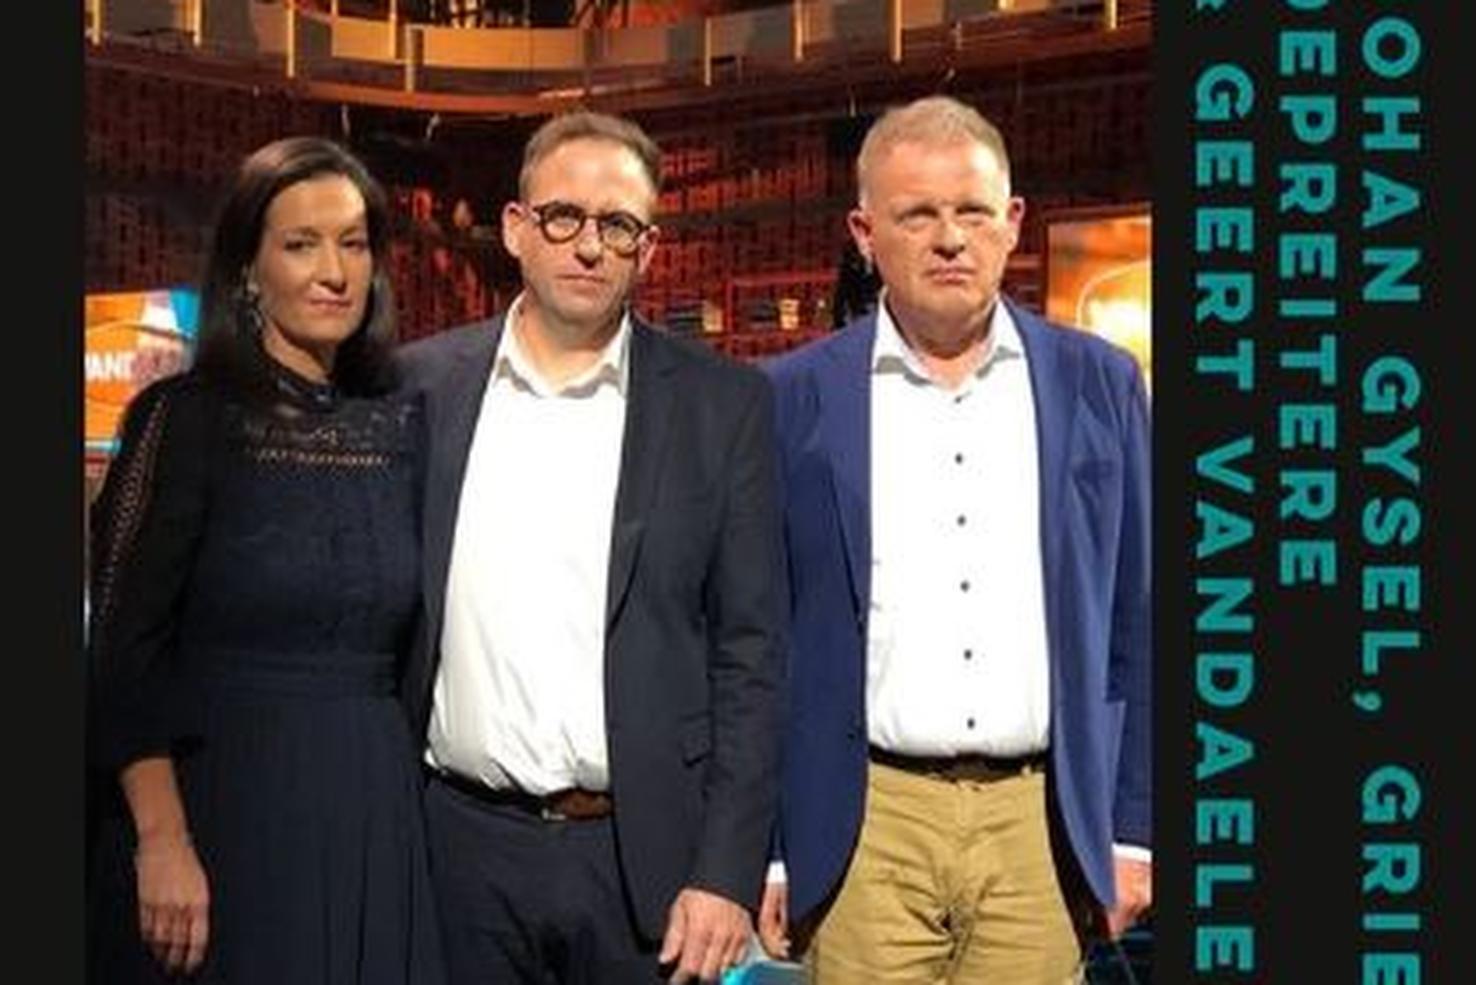 Griet Depreitere, Johan Gysel en Geert Vandaele., Instagram Vandaag